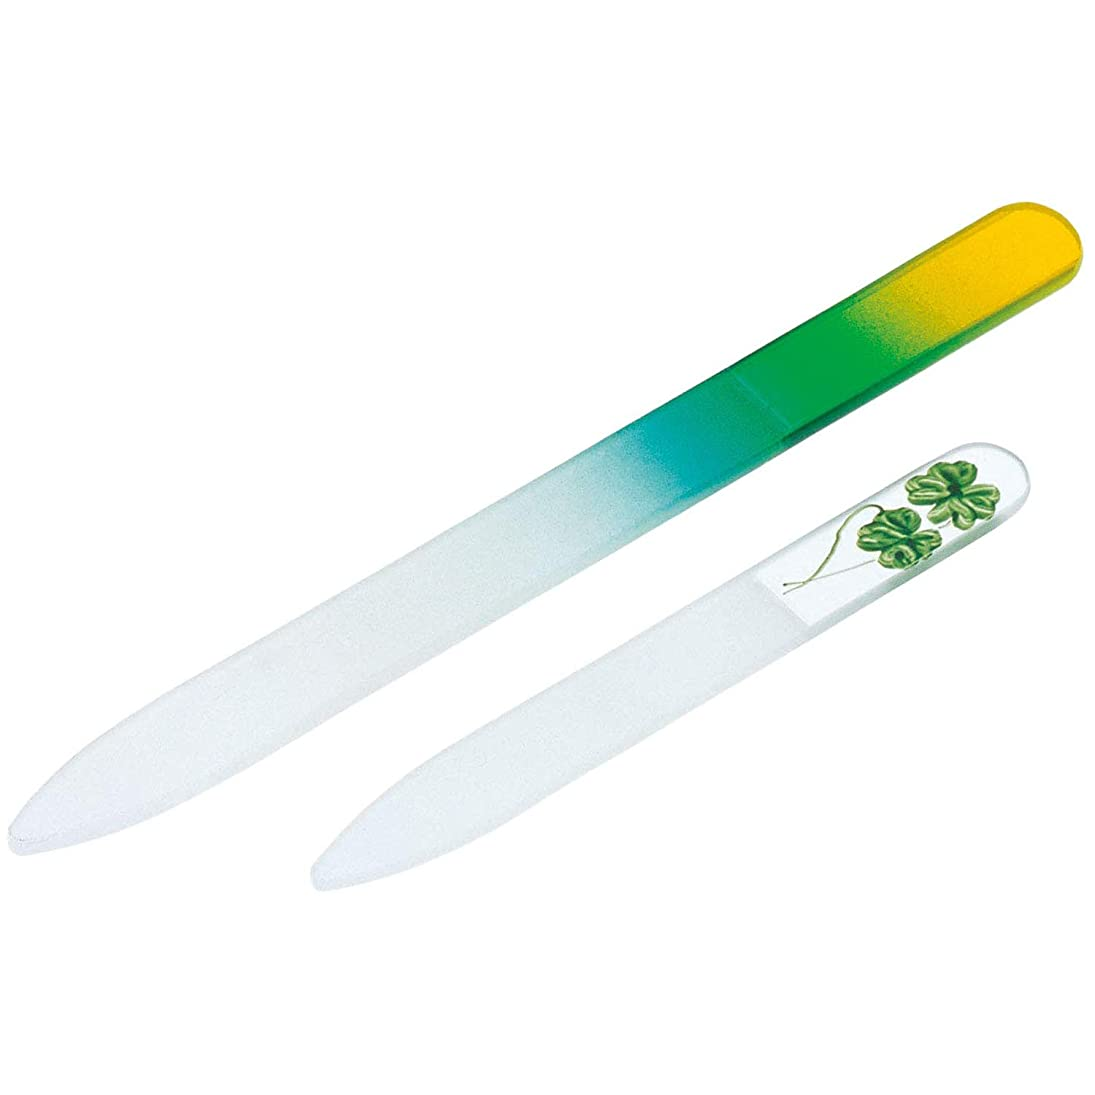 花束取得する飢饉ガラス製爪やすり 大小2個セット 水洗い可 子ども 携帯用 つめやすり